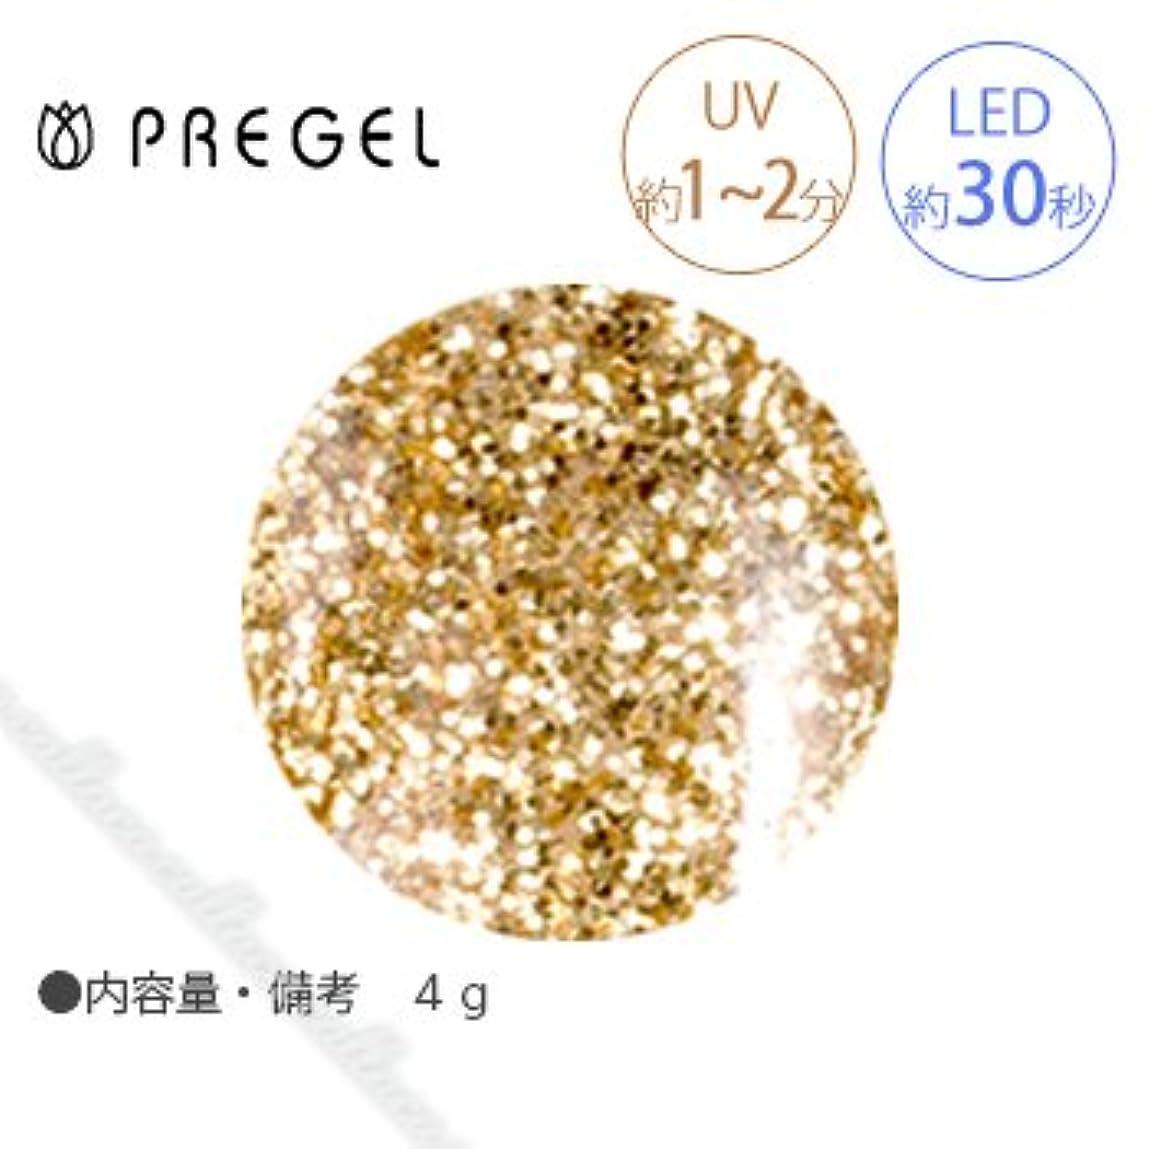 糞ブッシュおとうさん【PREGEL】 プリジェル カラーEX ダイヤモンドシリーズ ダイヤモンドブロンズ PG-CE402 4g